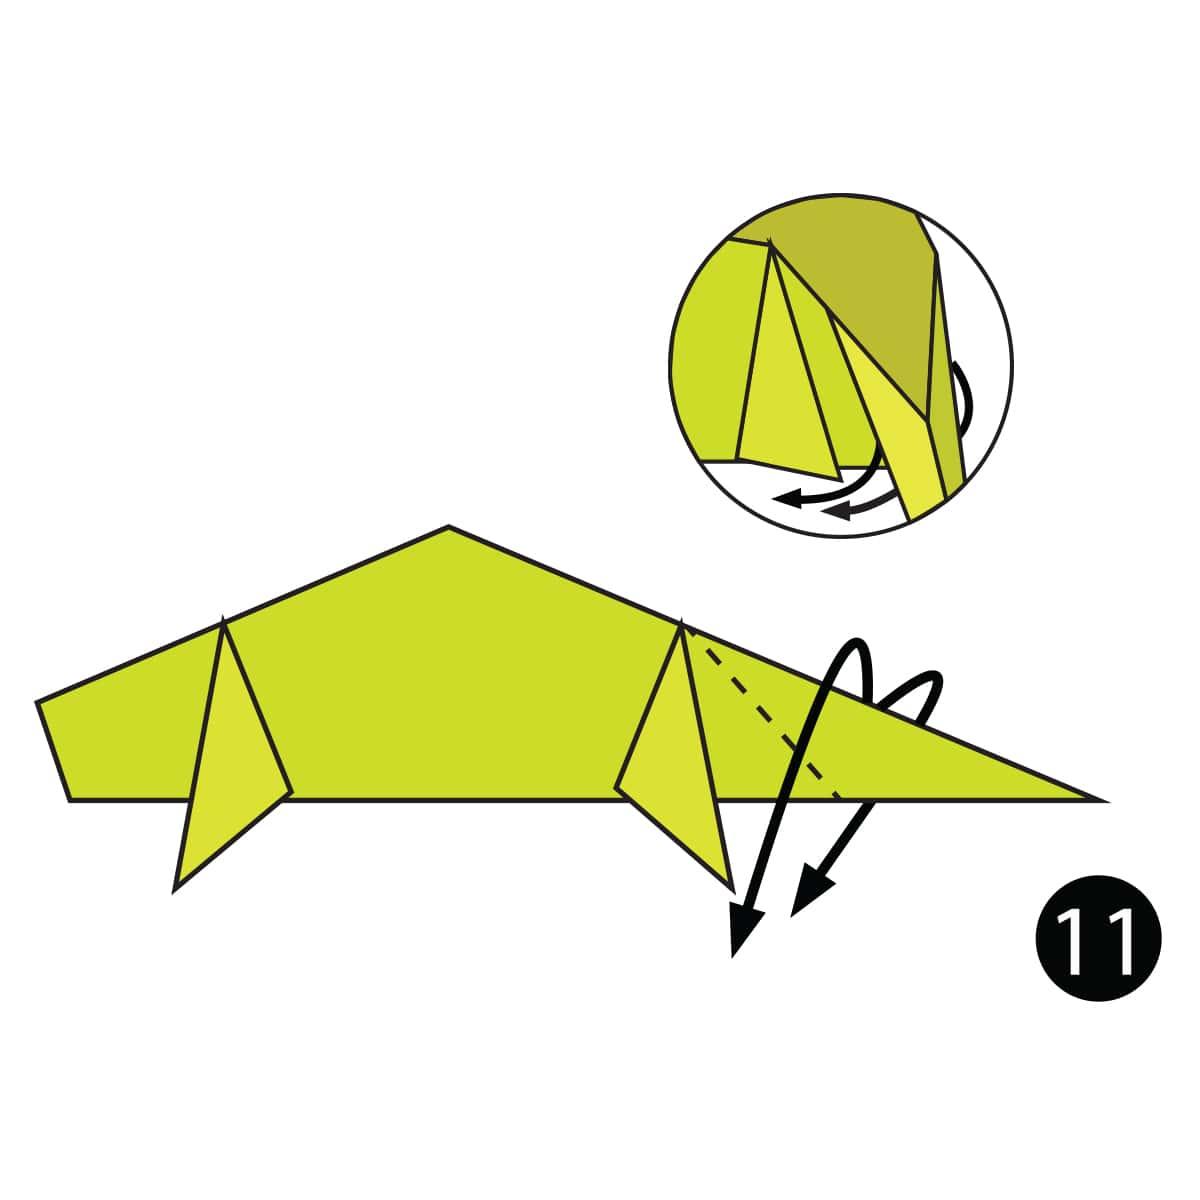 Chameleon Step 11